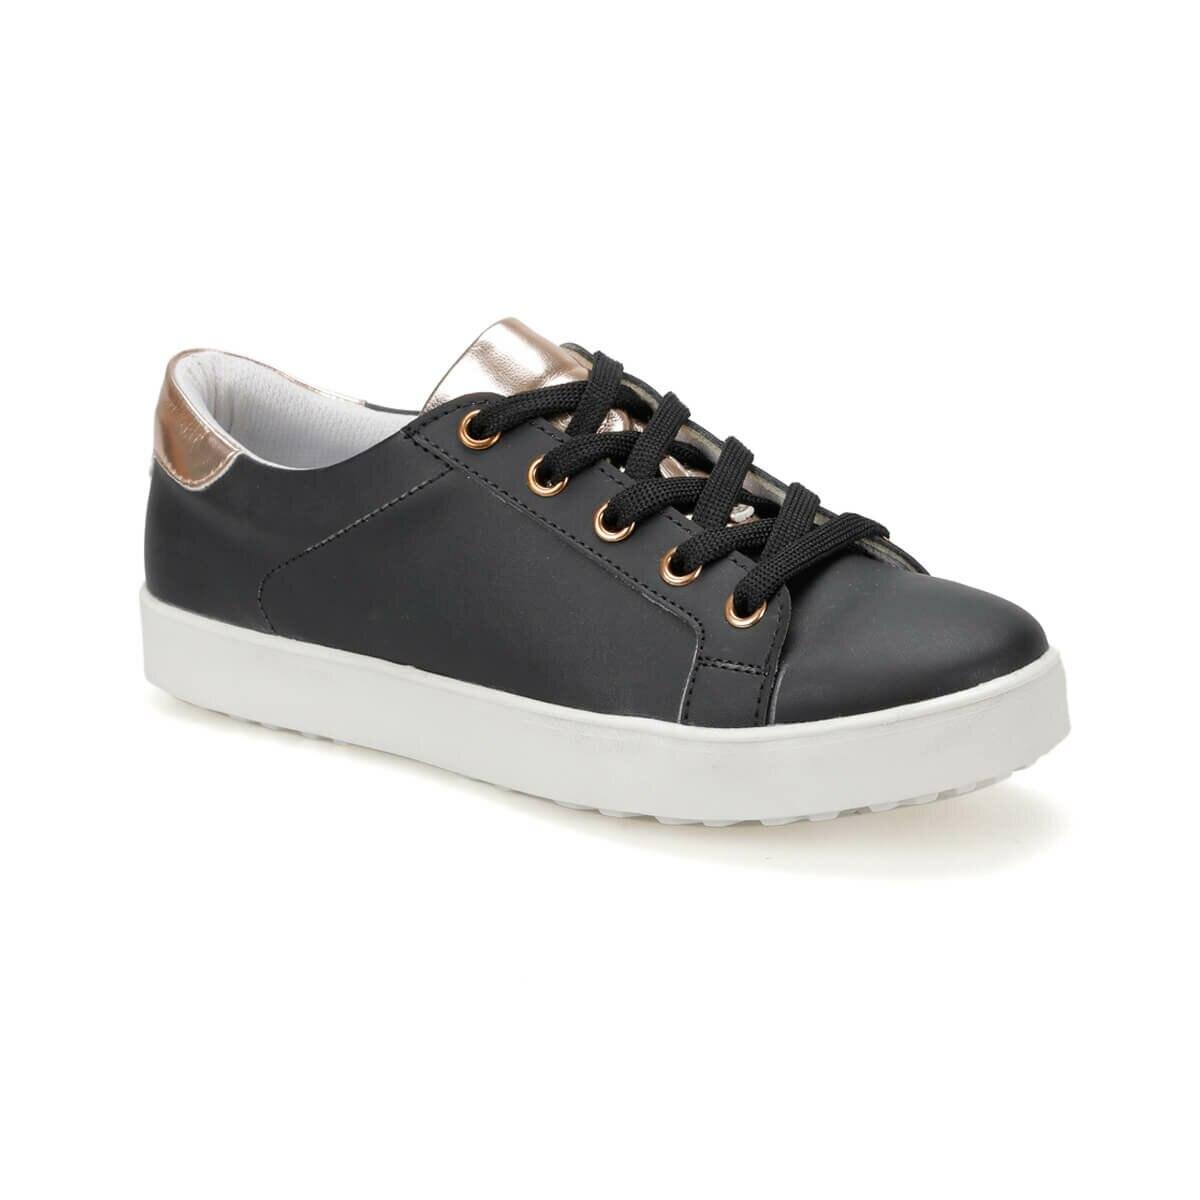 FLO CS19054 Black Women 'S Sneaker Shoes Art Bella